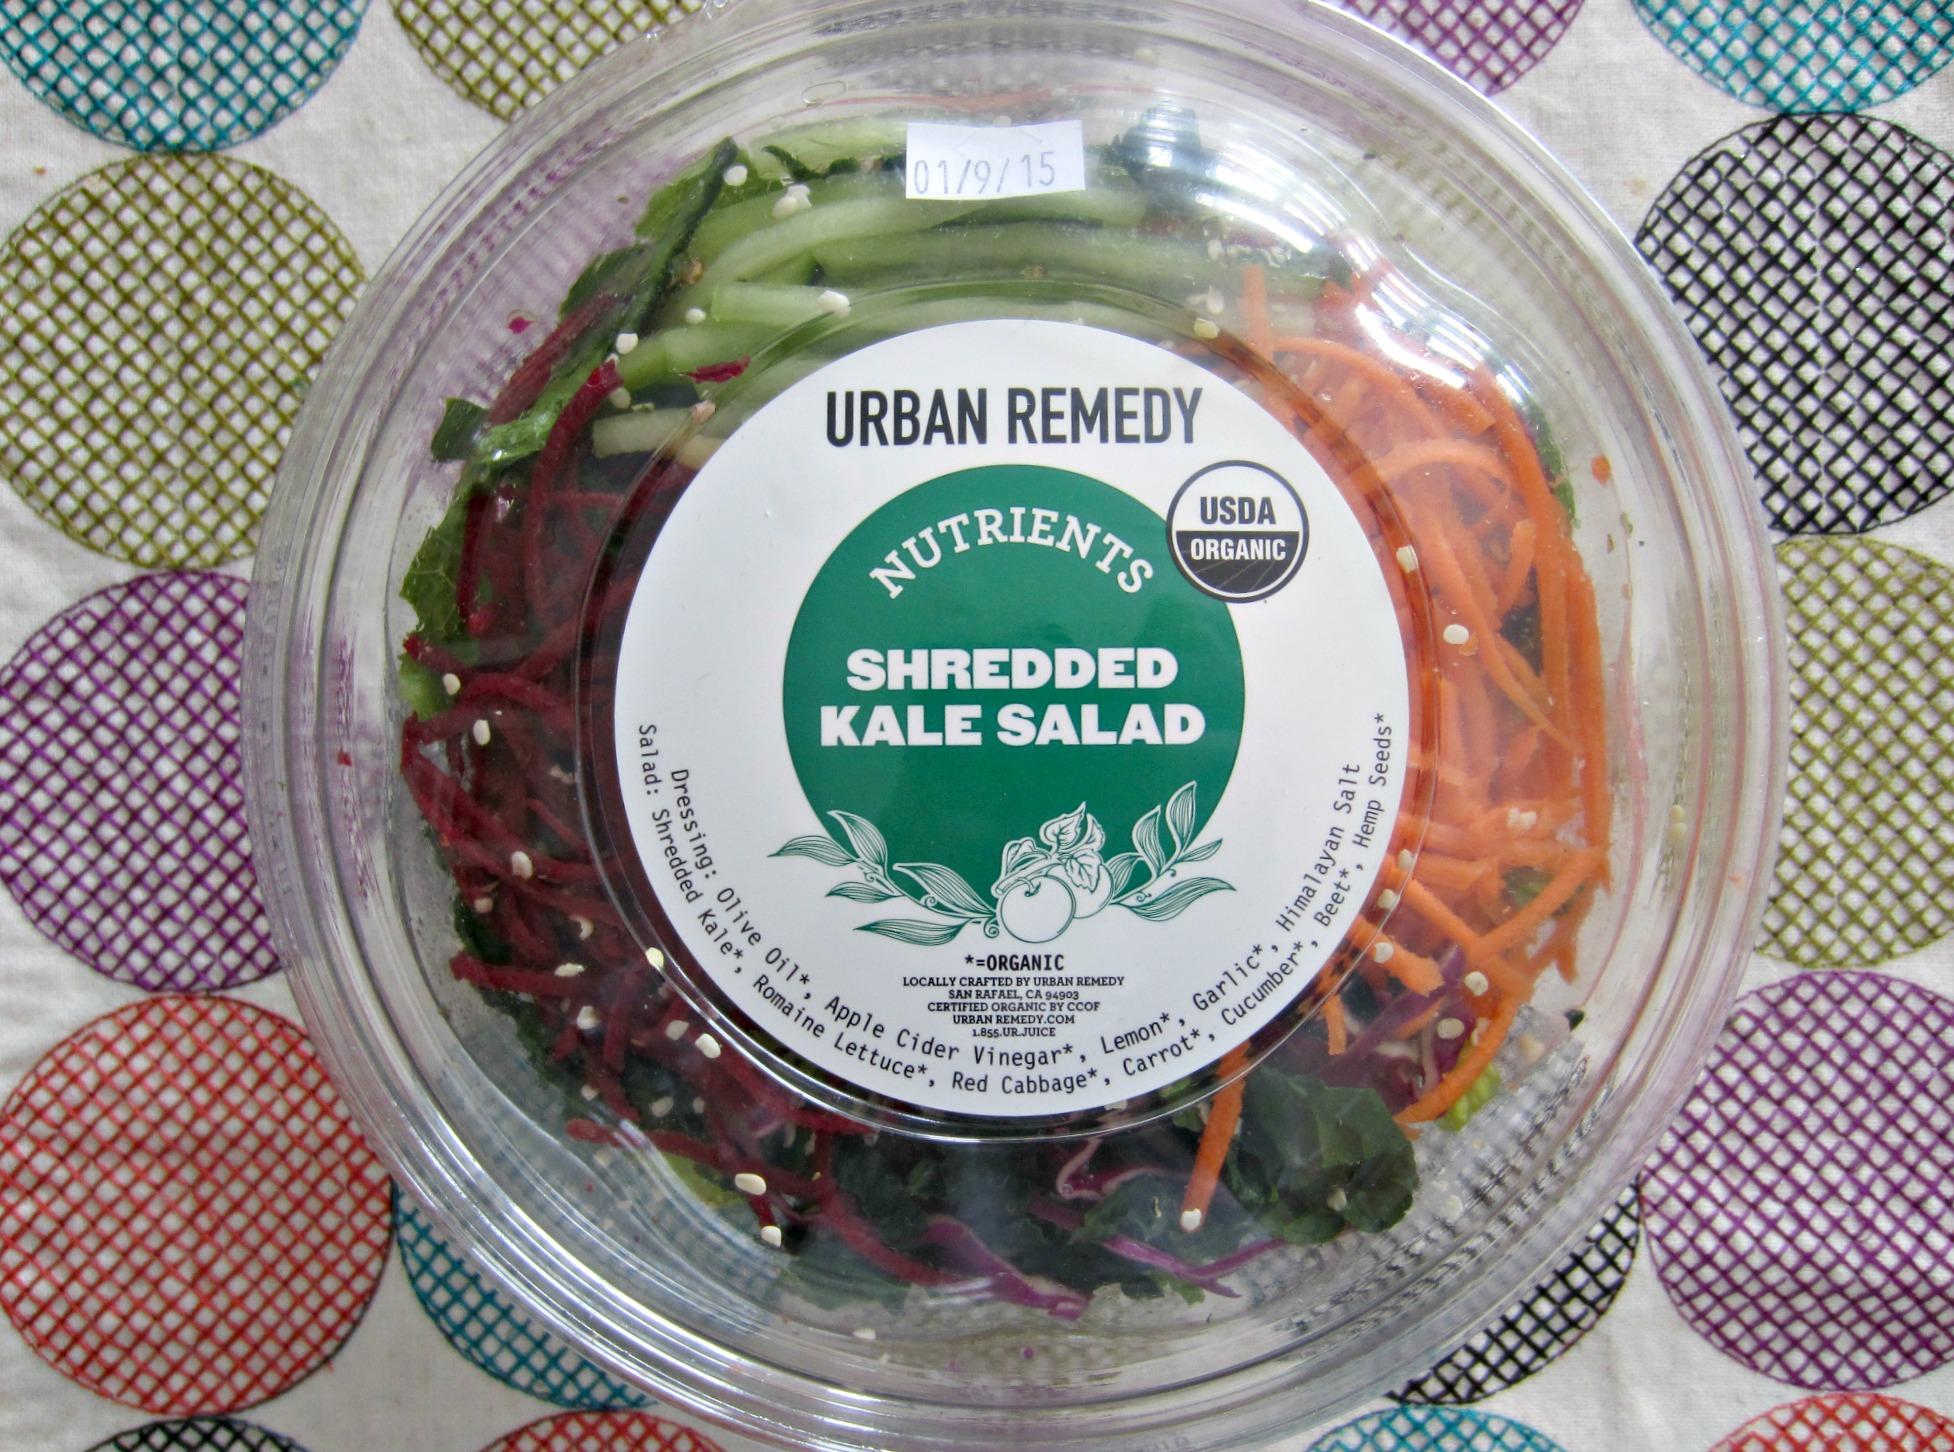 urban remedy shredded kale salad